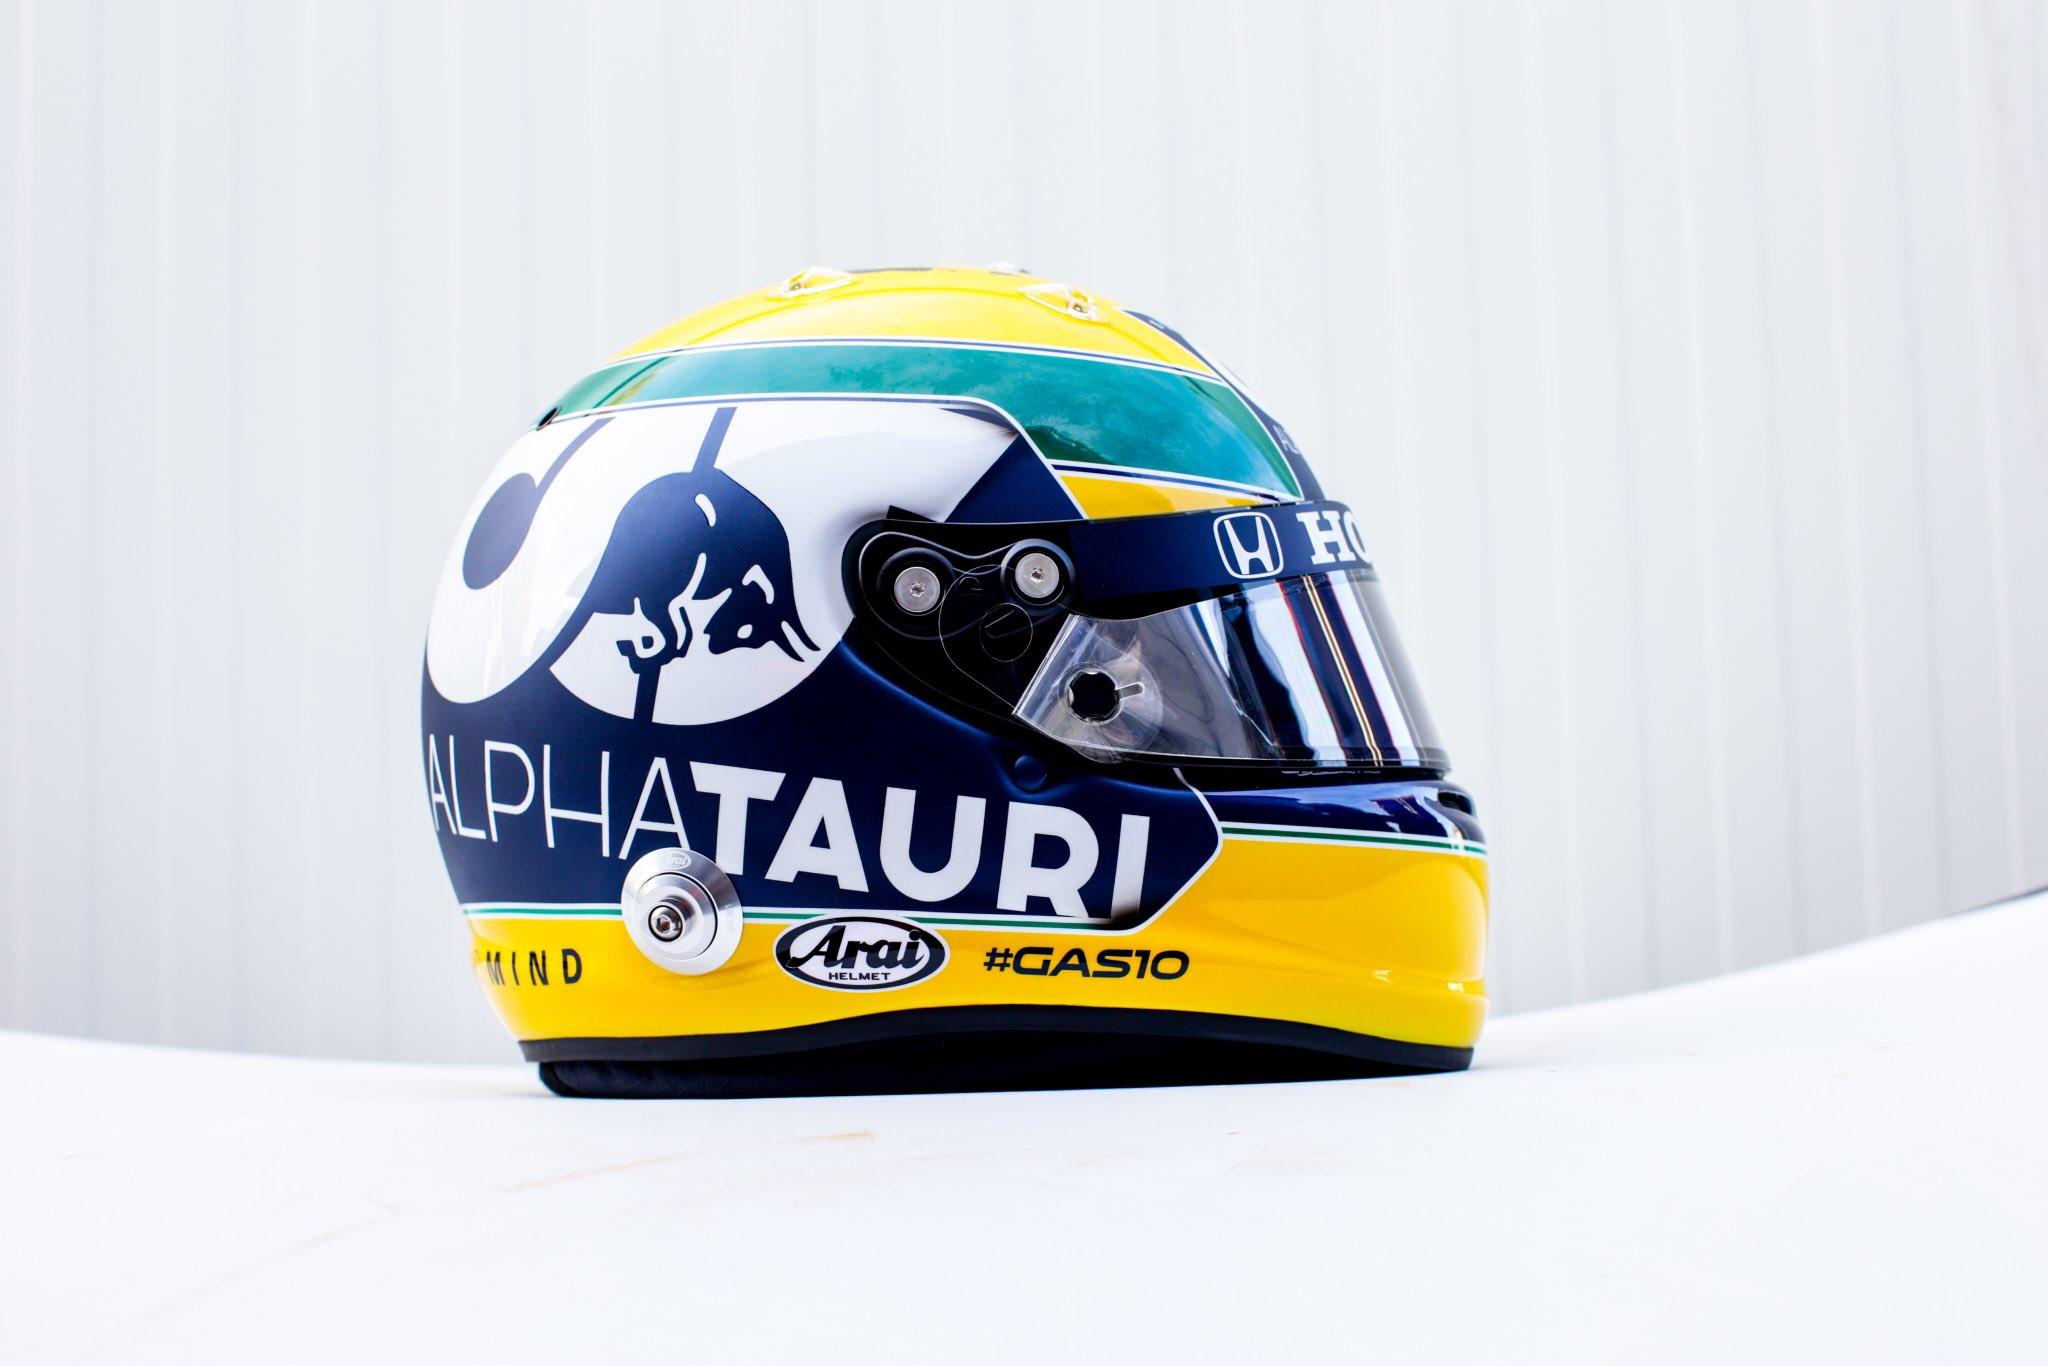 Casco speciale per Pierre Gasly che, in vista del GP dell&#39;Emilia Romagna, ha voluto dedicare la livrea ad Ayrton Senna, scomparso a Imola il 1&deg; maggio 1994. Tra i colori del Brasile e la scritta &quot;Ayrton sempre&quot;, il casco del francese &egrave; suggestivo ed emozionante<br /><br />